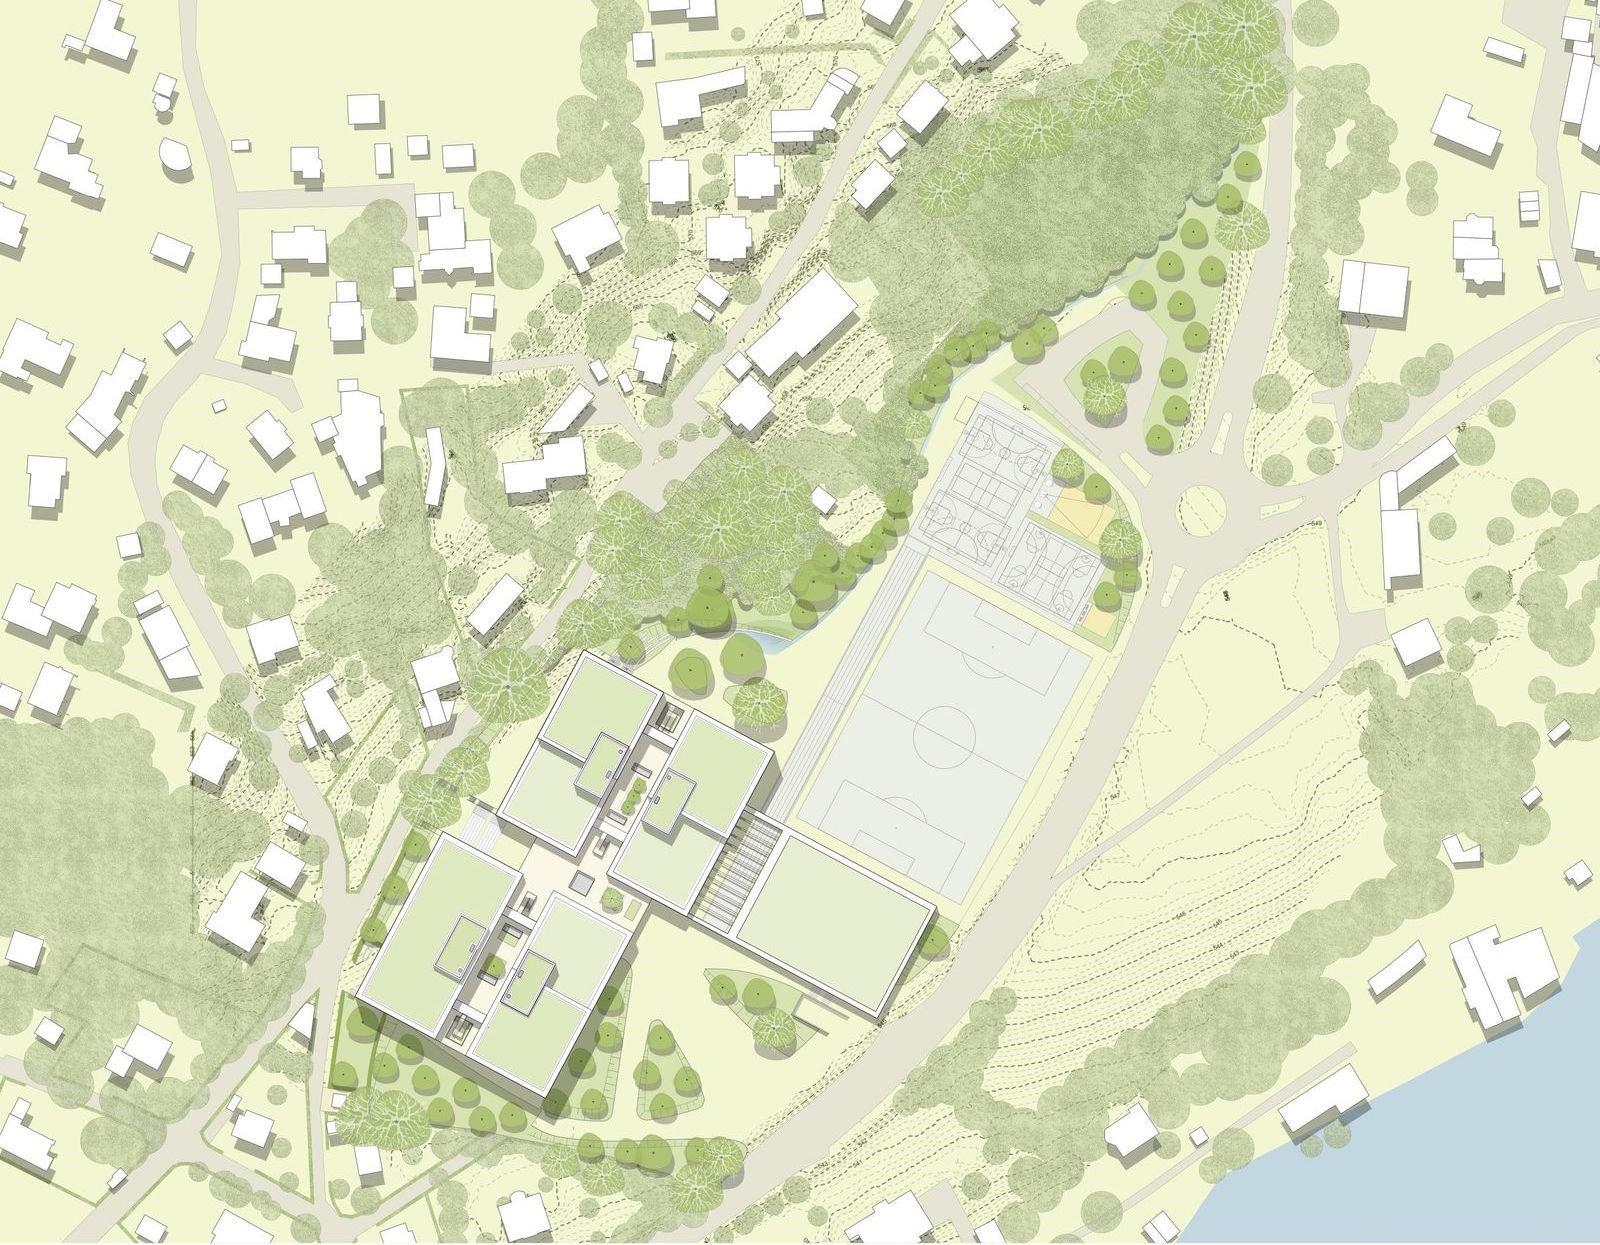 Gymnasium Herrsching Architekturplan